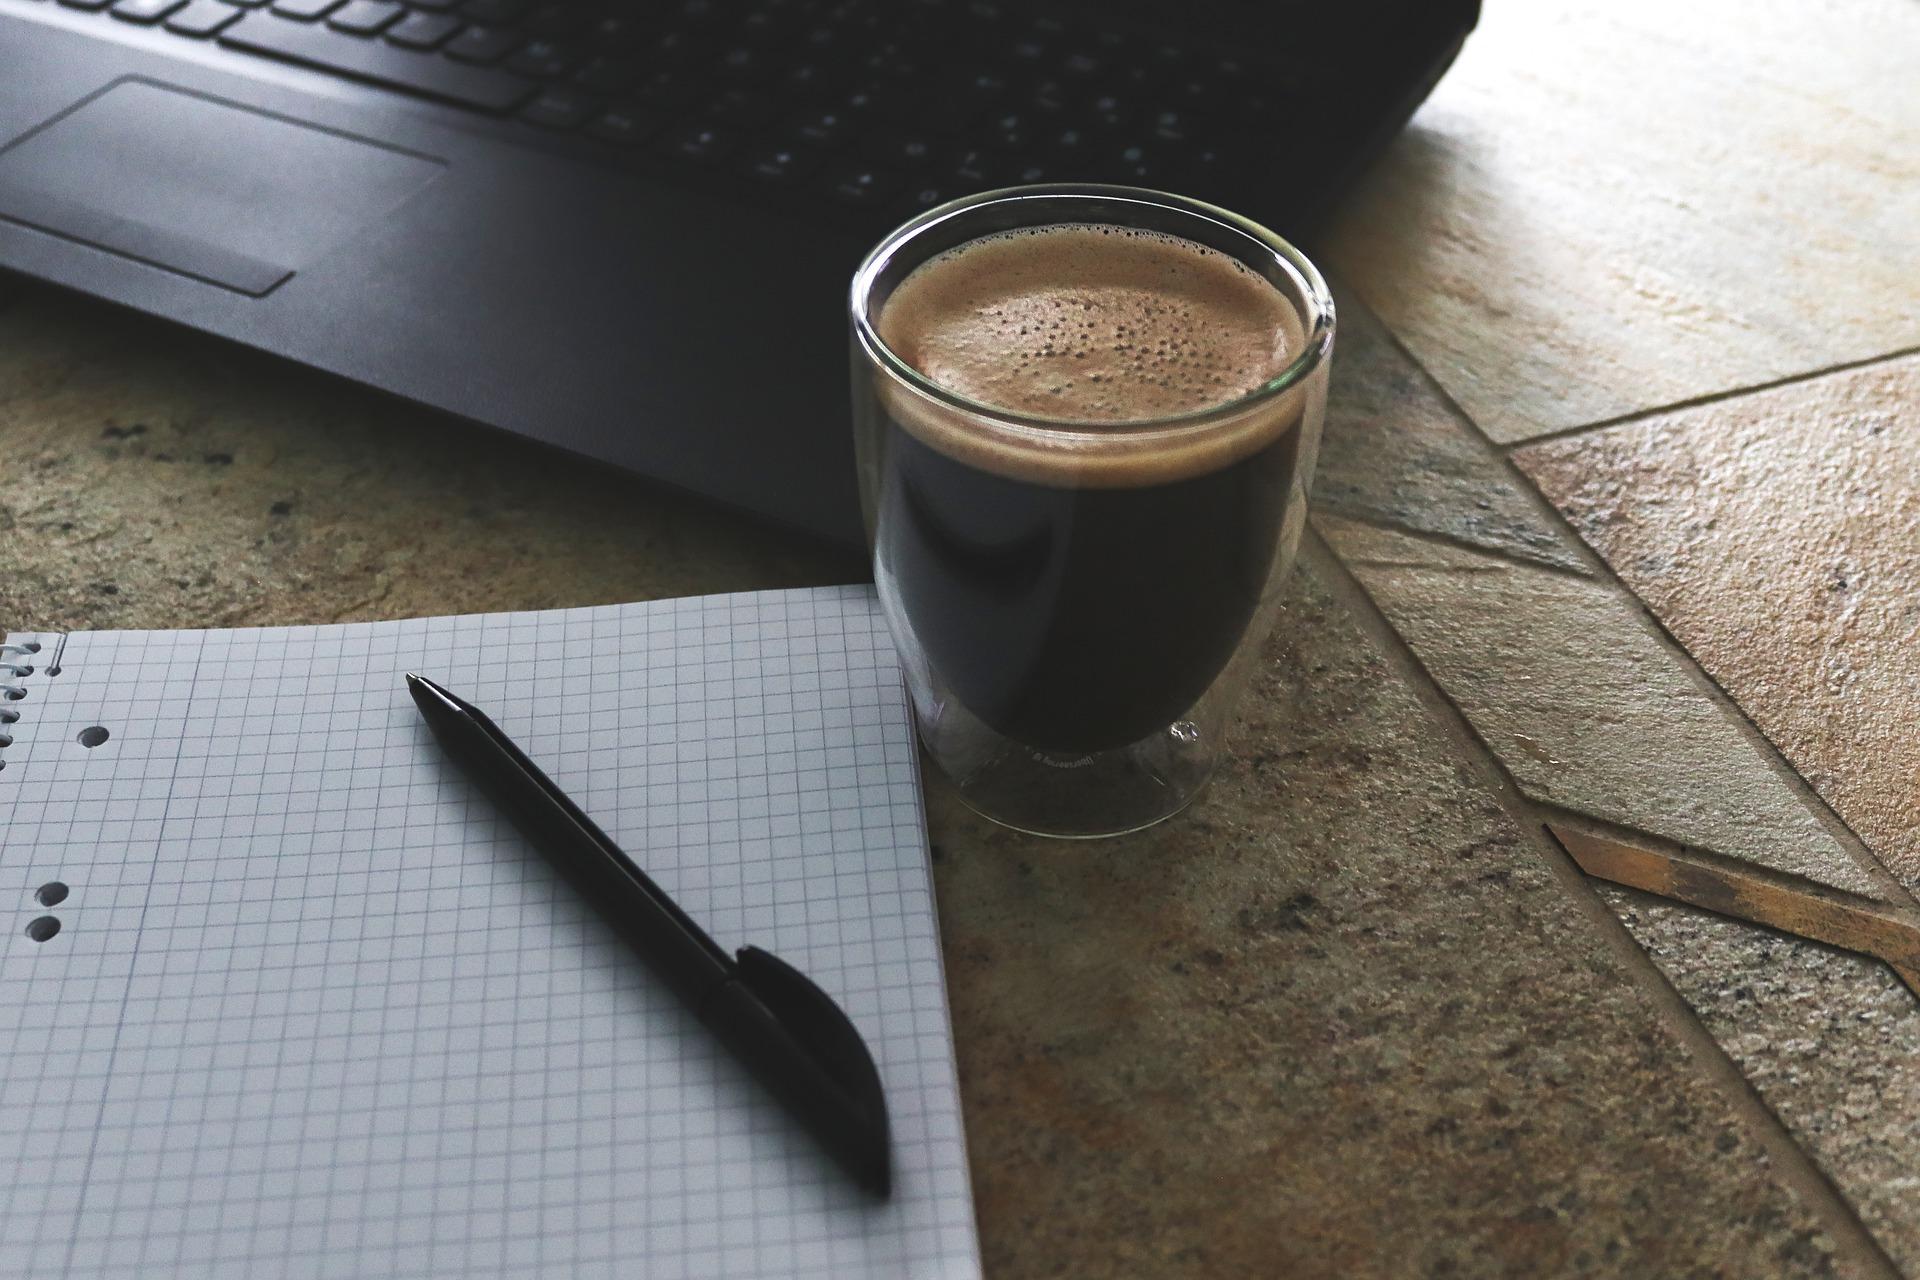 Dzierżawa, leasing czy kupno ekspresu do kawy